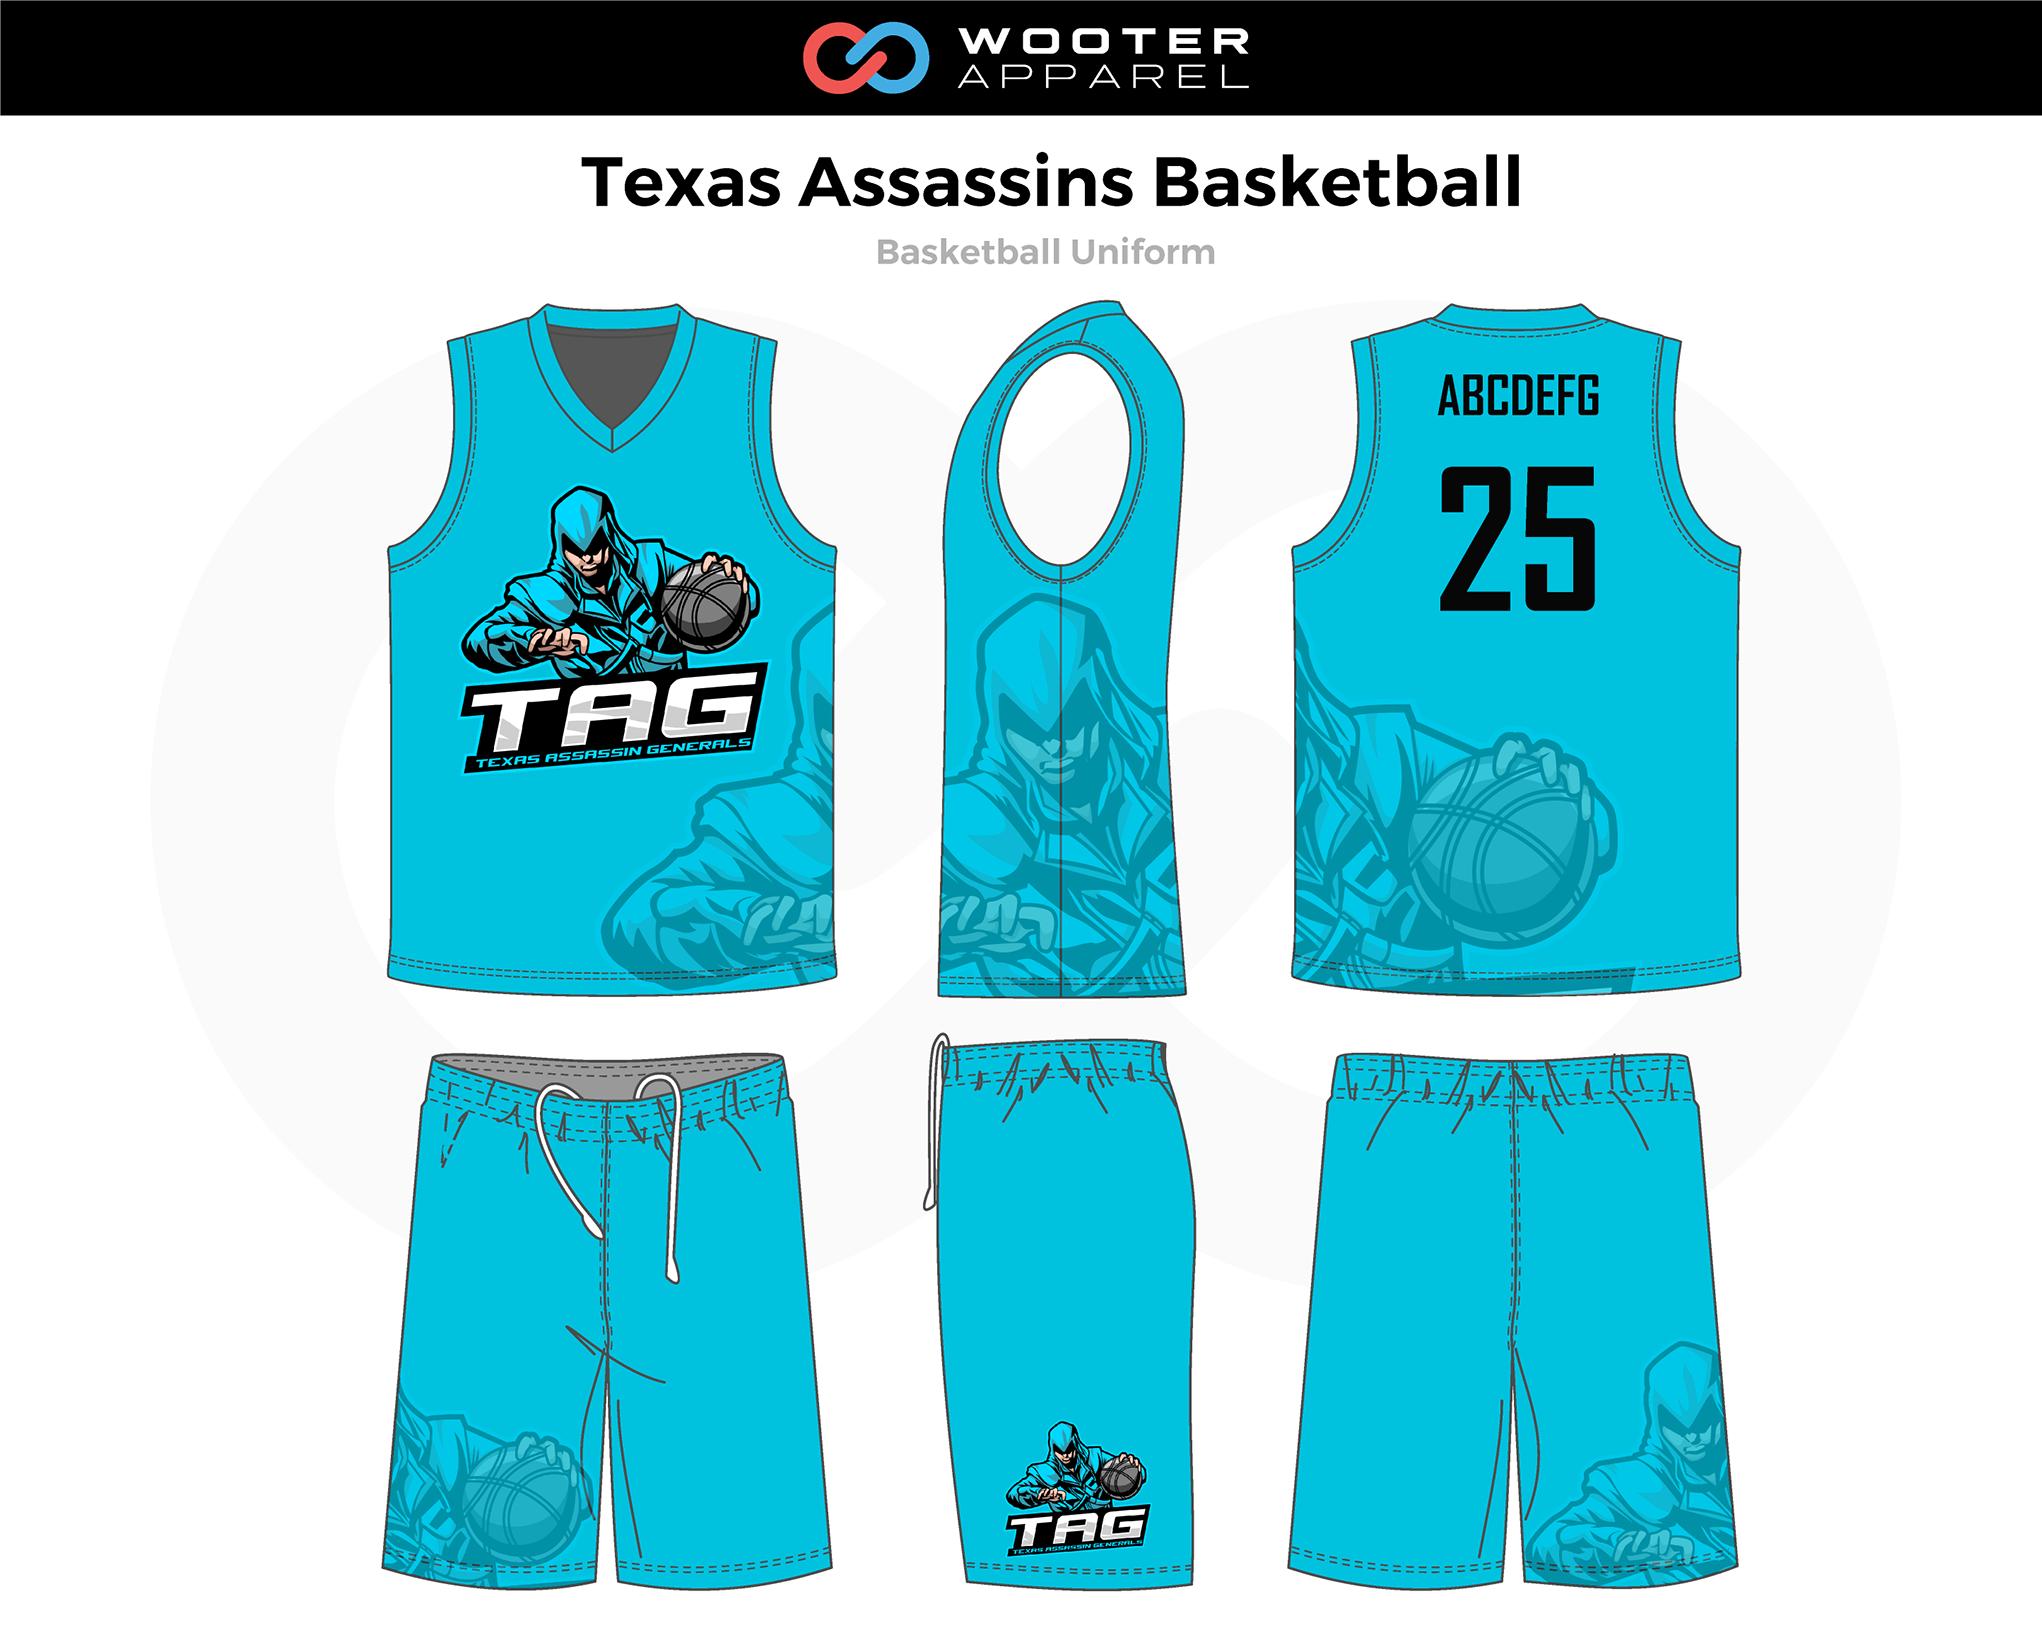 2019-01-22 Texas Assassins Basketball (Blue).png